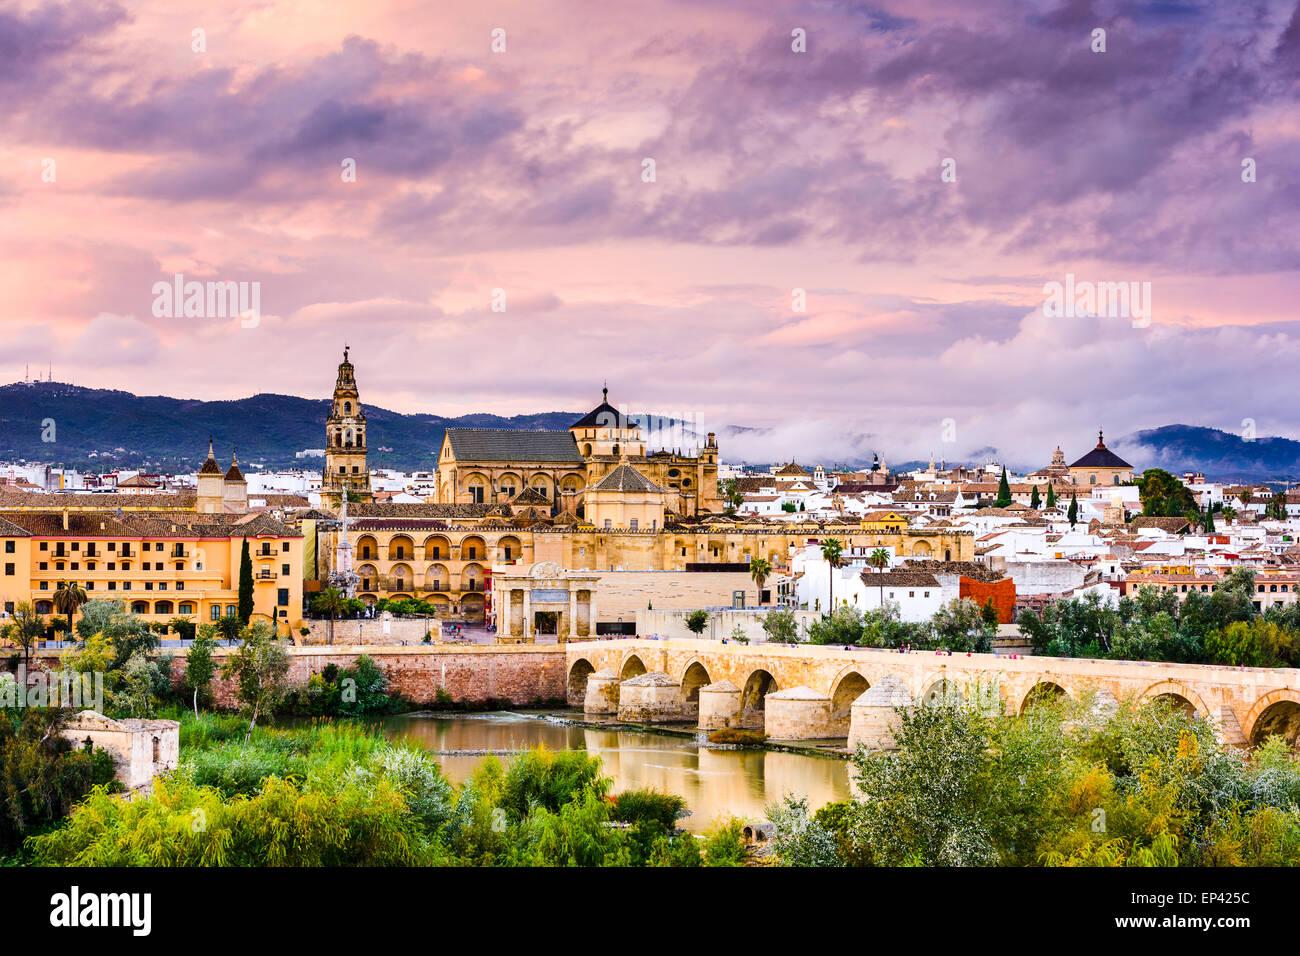 Cordoba, Spagna presso il ponte romano e Moschea-cattedrale sul fiume Guadalquivir. Immagini Stock